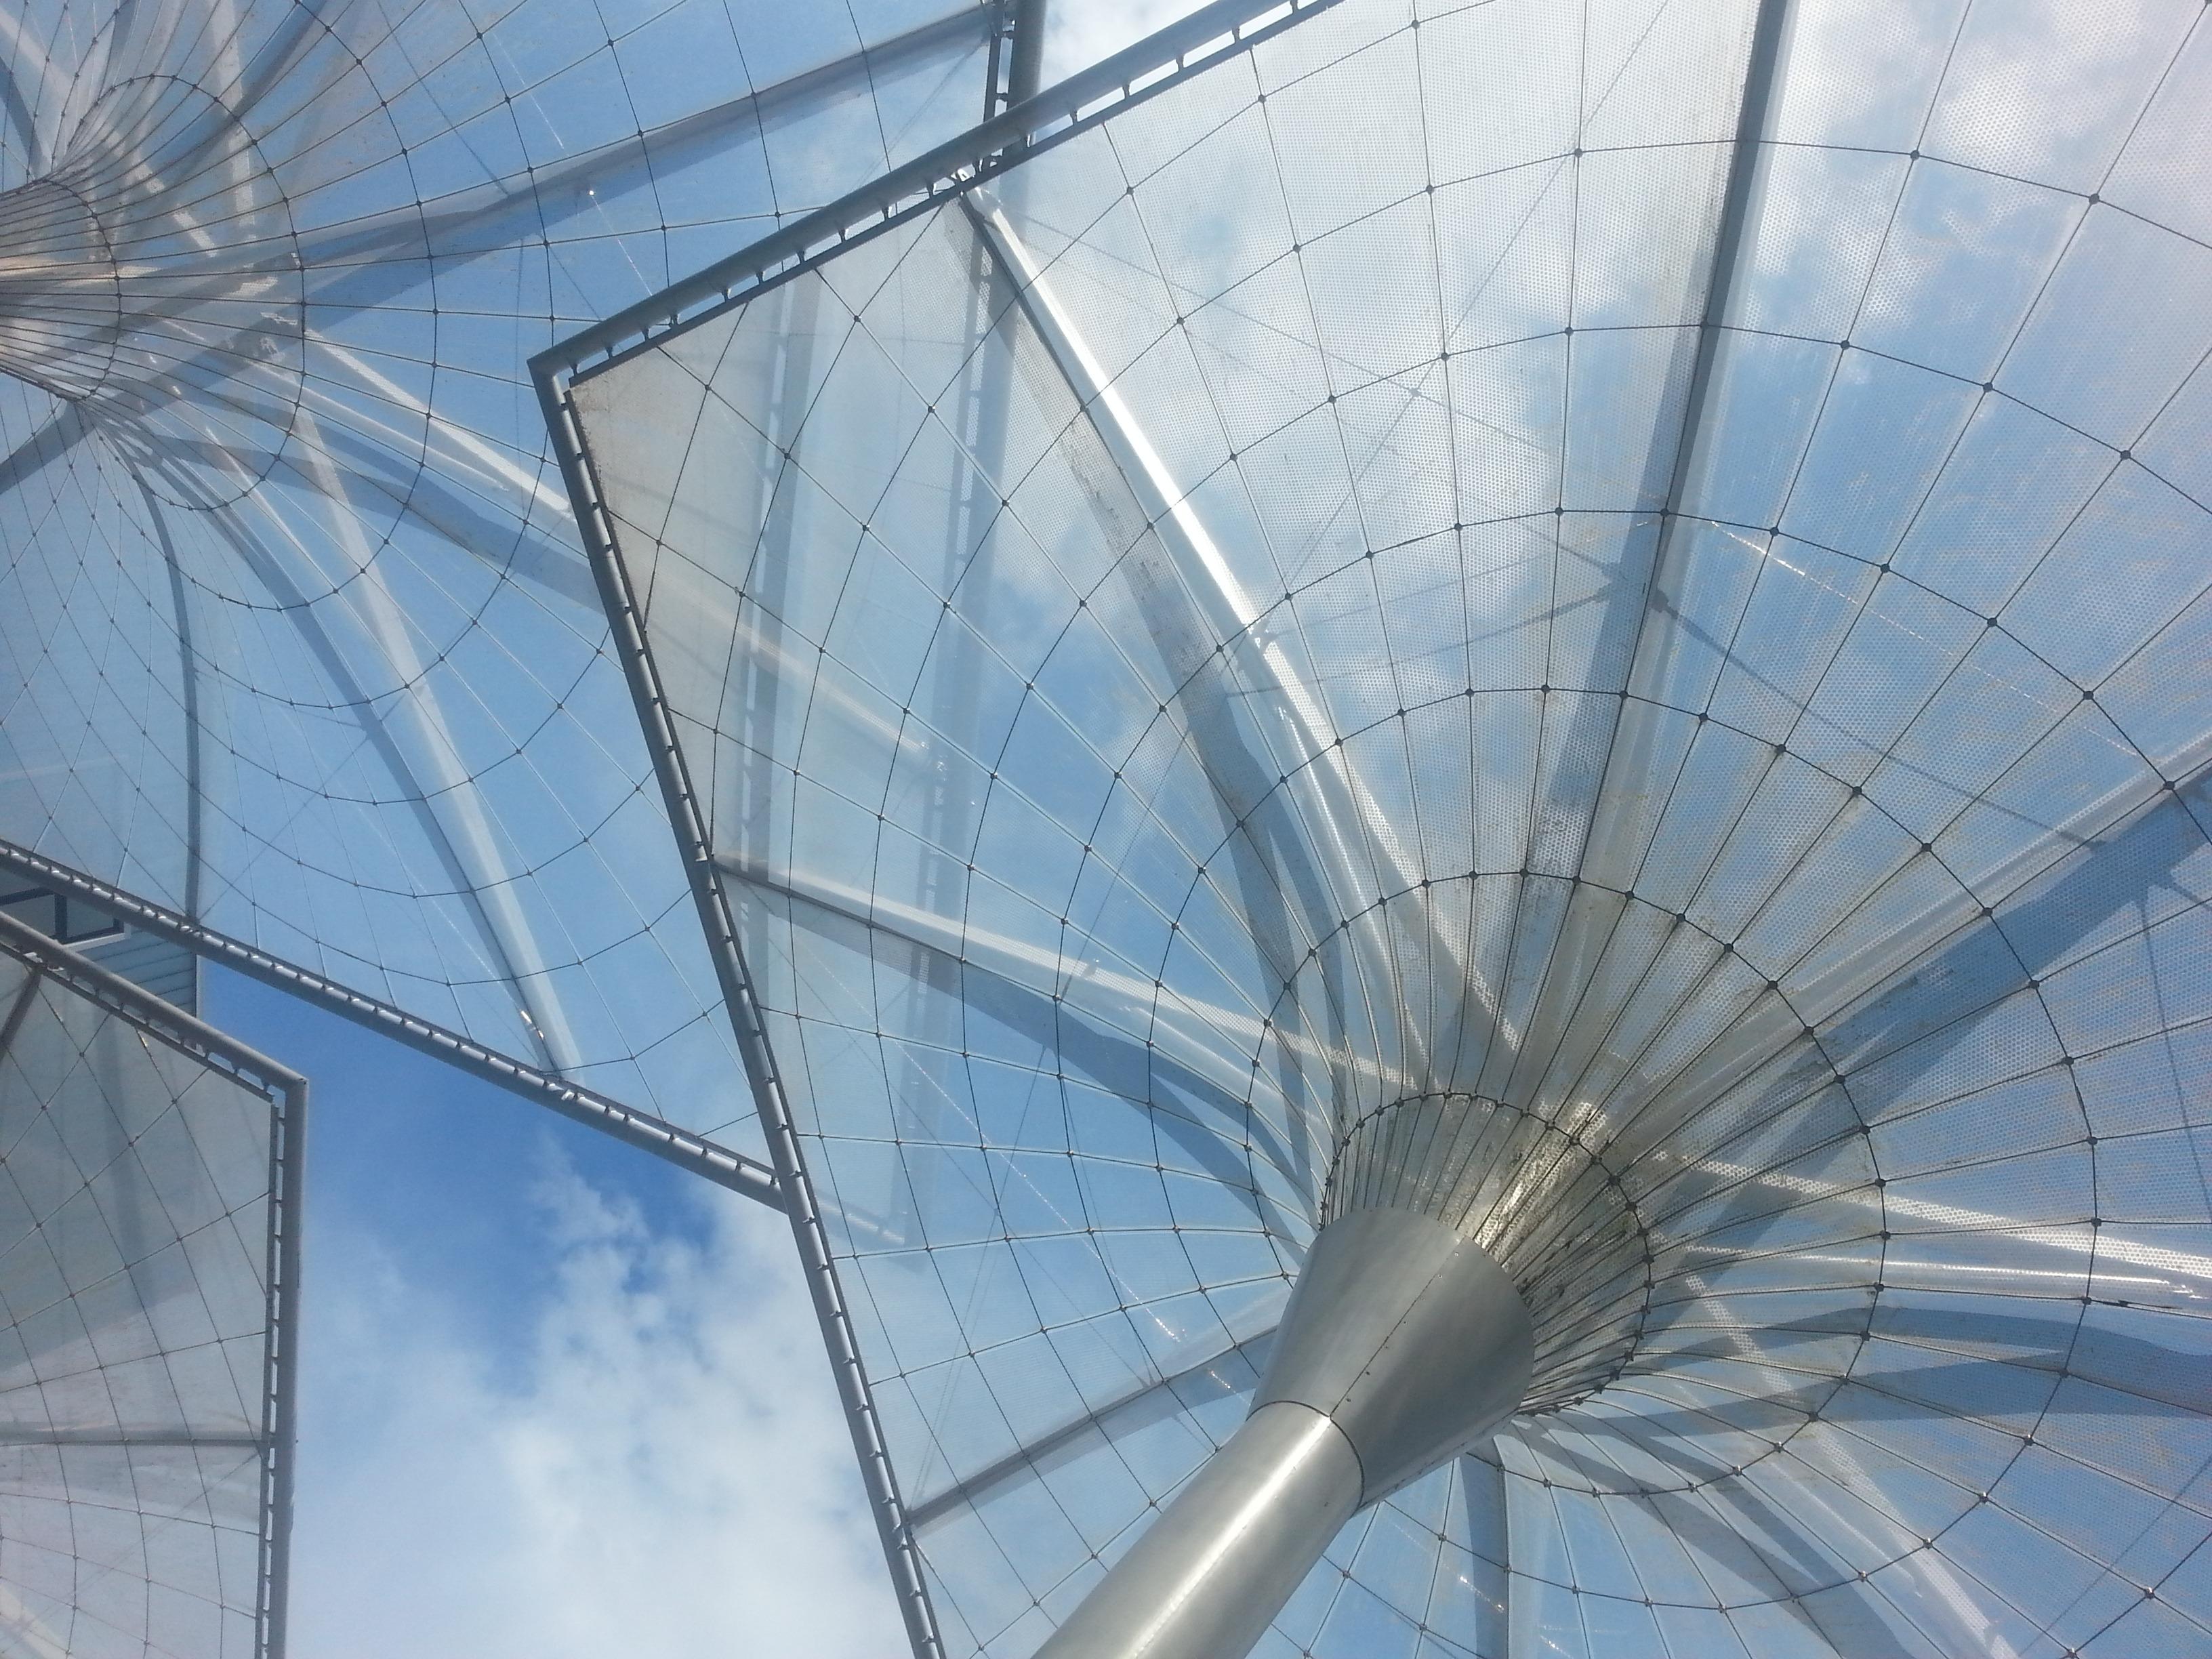 Fotos gratis : arquitectura, estructura, sol, viento, techo ...